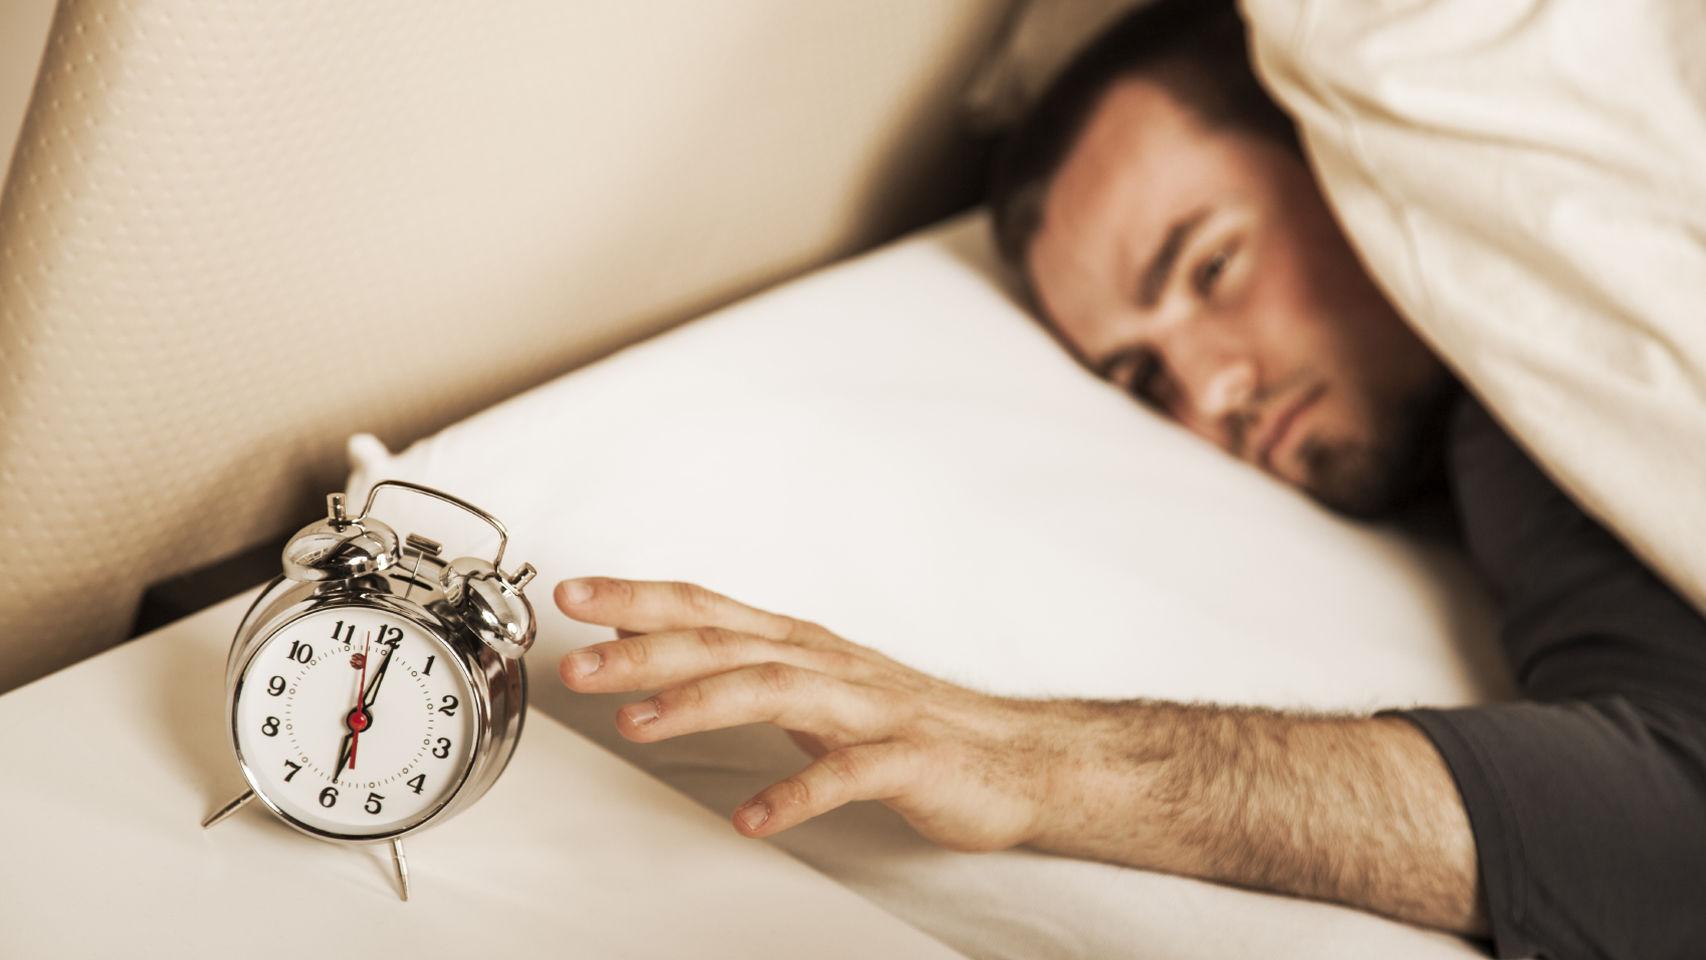 Dysania es un término poco conocido que se utiliza para referirse a aquellas personas que son incapaces de levantarse por las mañanas